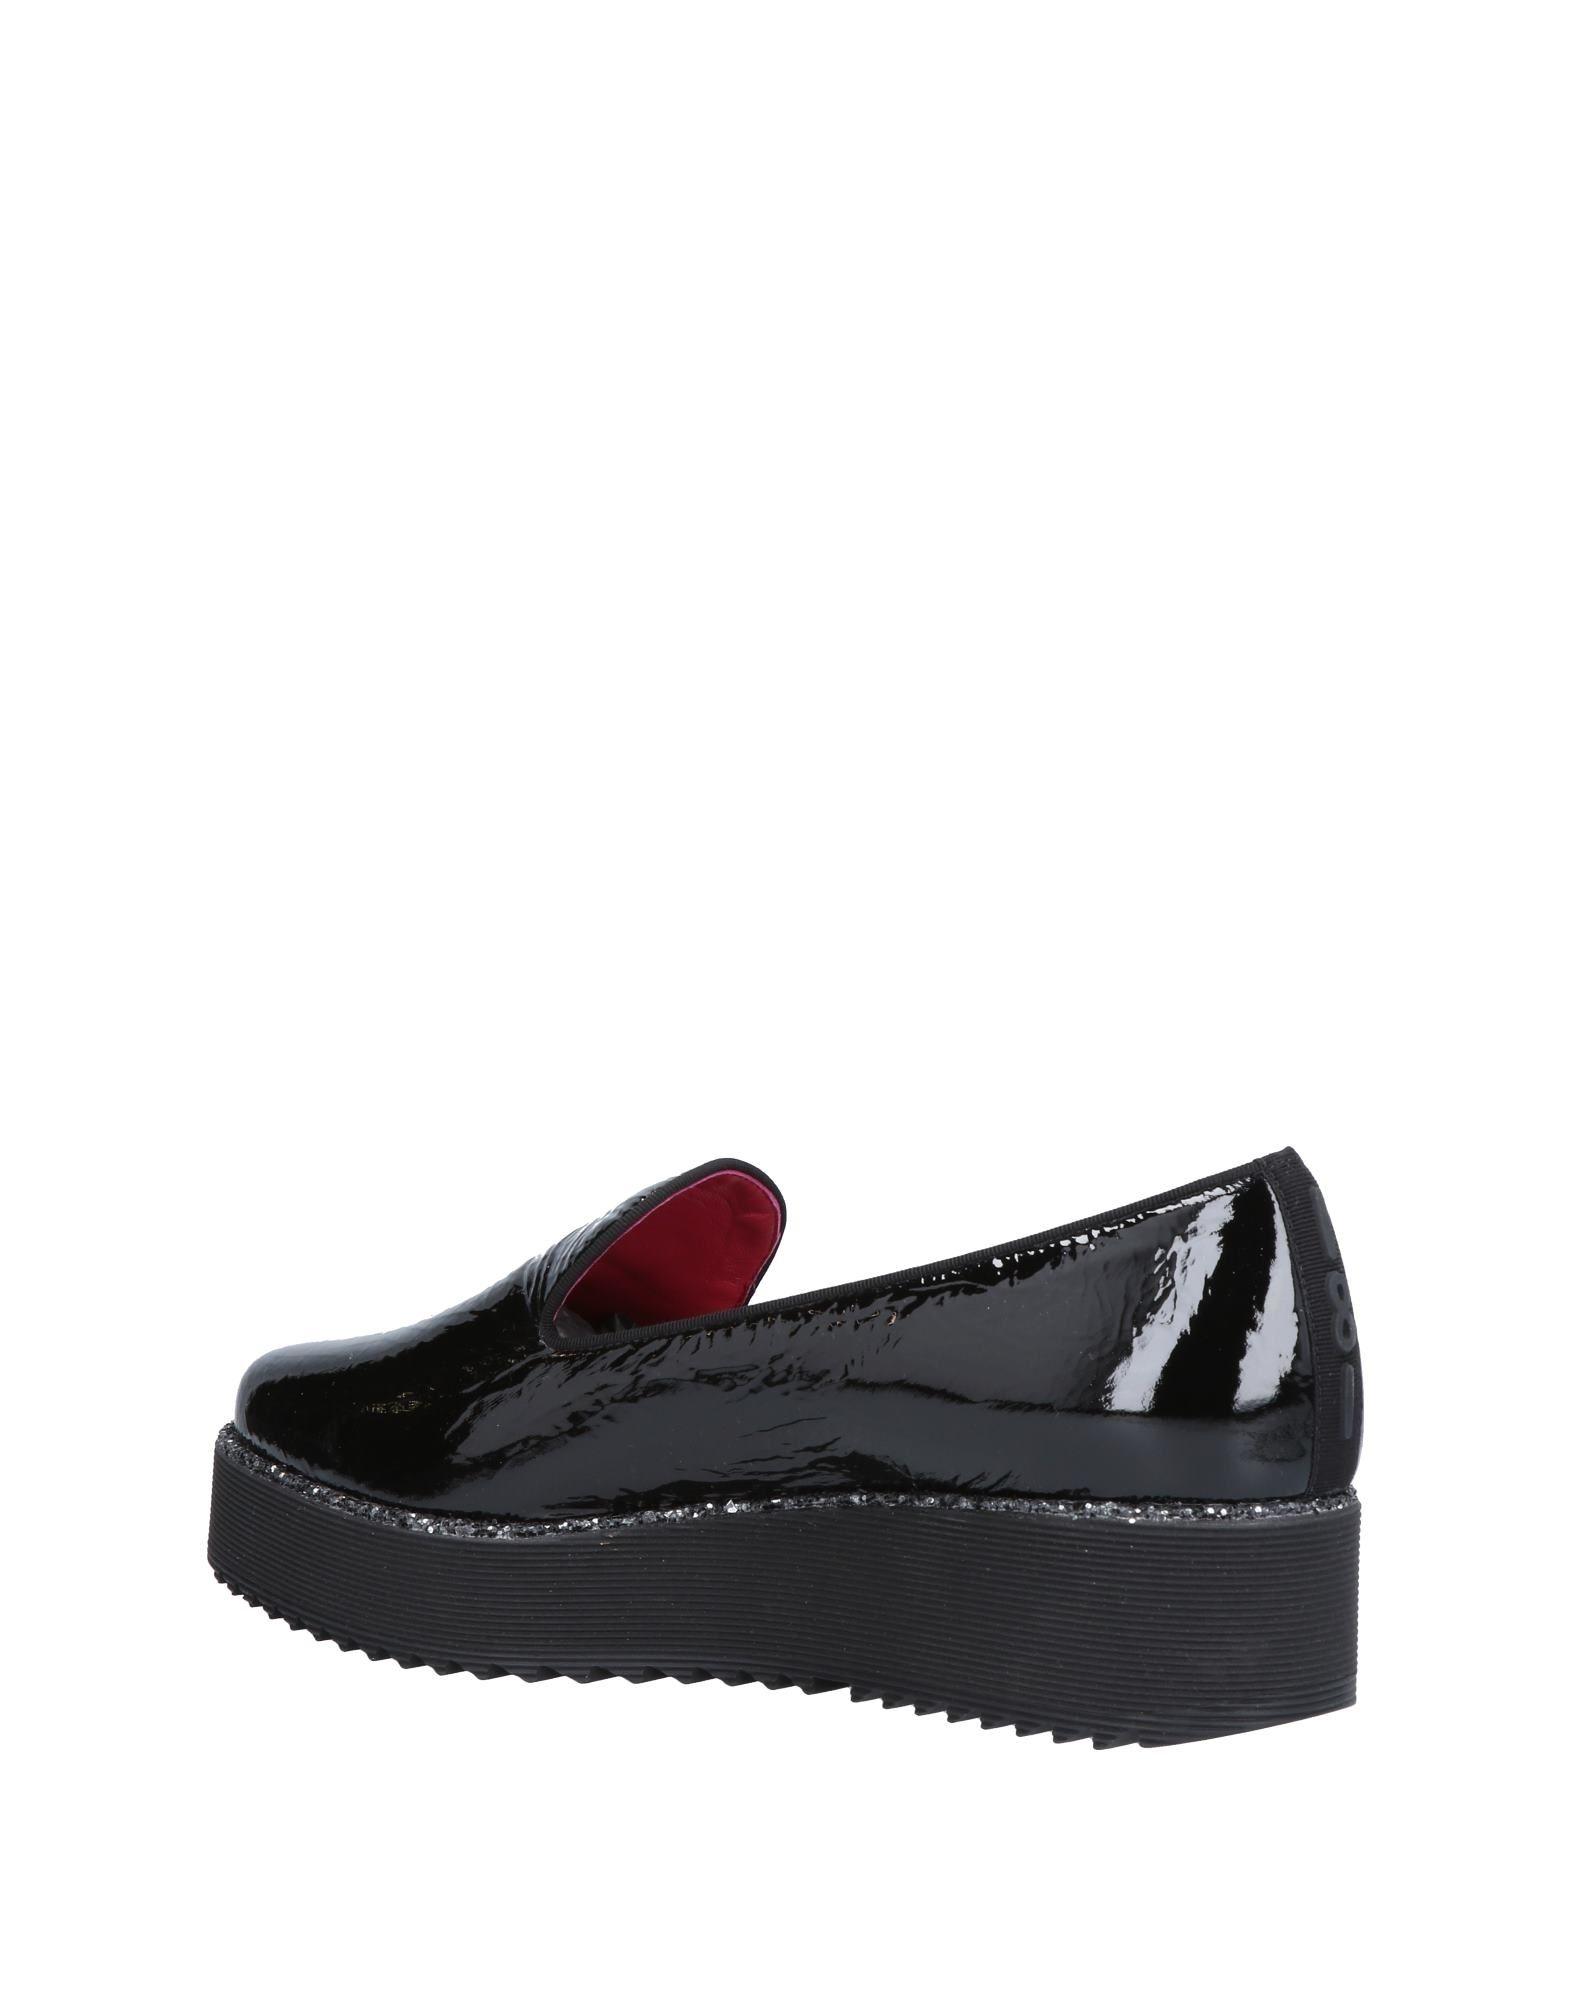 Gut um billige Schuhe zu tragen181 Alberto By Alberto tragen181 Gozzi Mokassins Damen  11494270FK cb1252